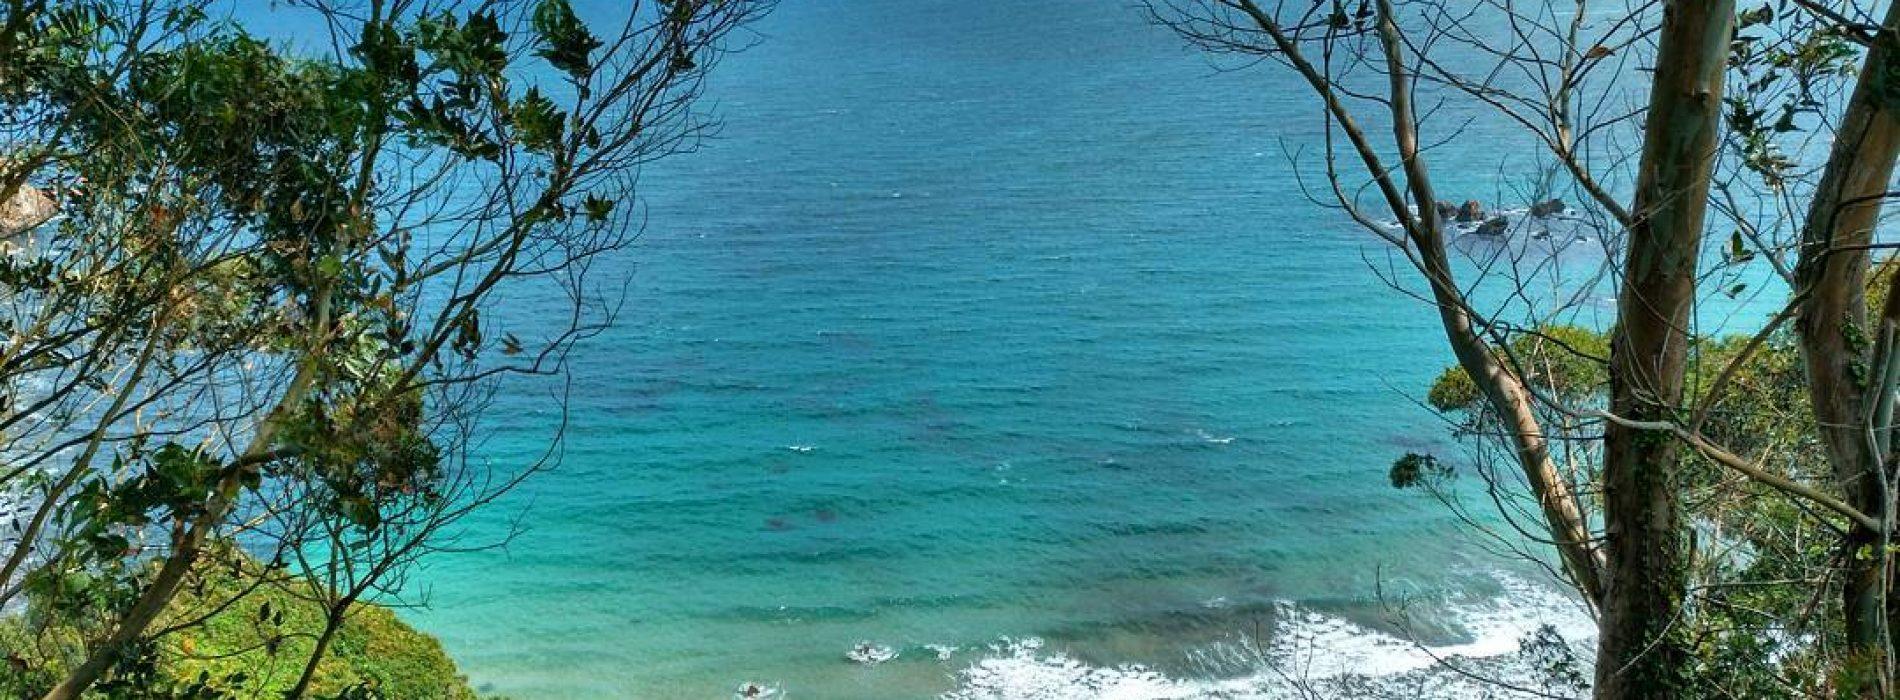 Playas nudistas de Asturias: el paraíso del naturismo